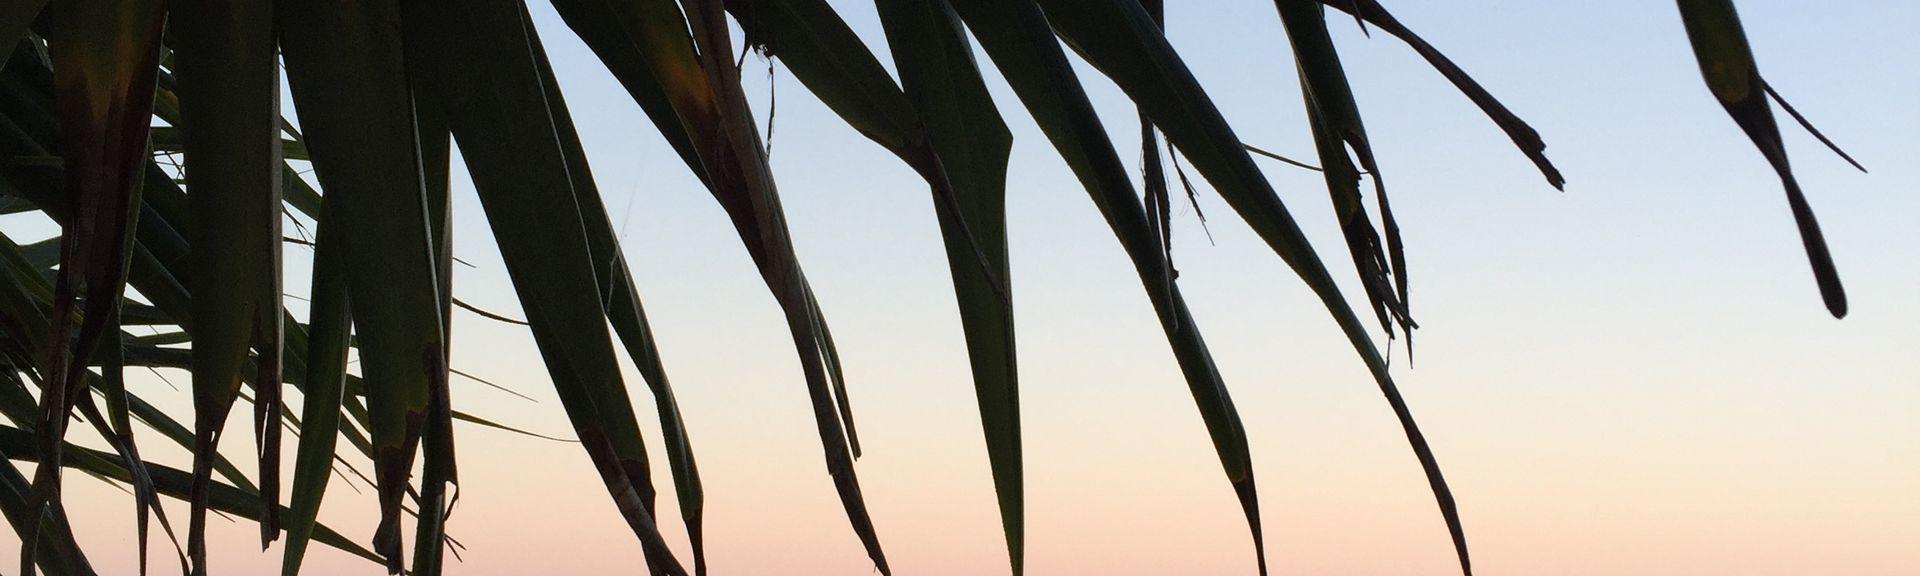 Dunoon, Nova Gales do Sul, Austrália